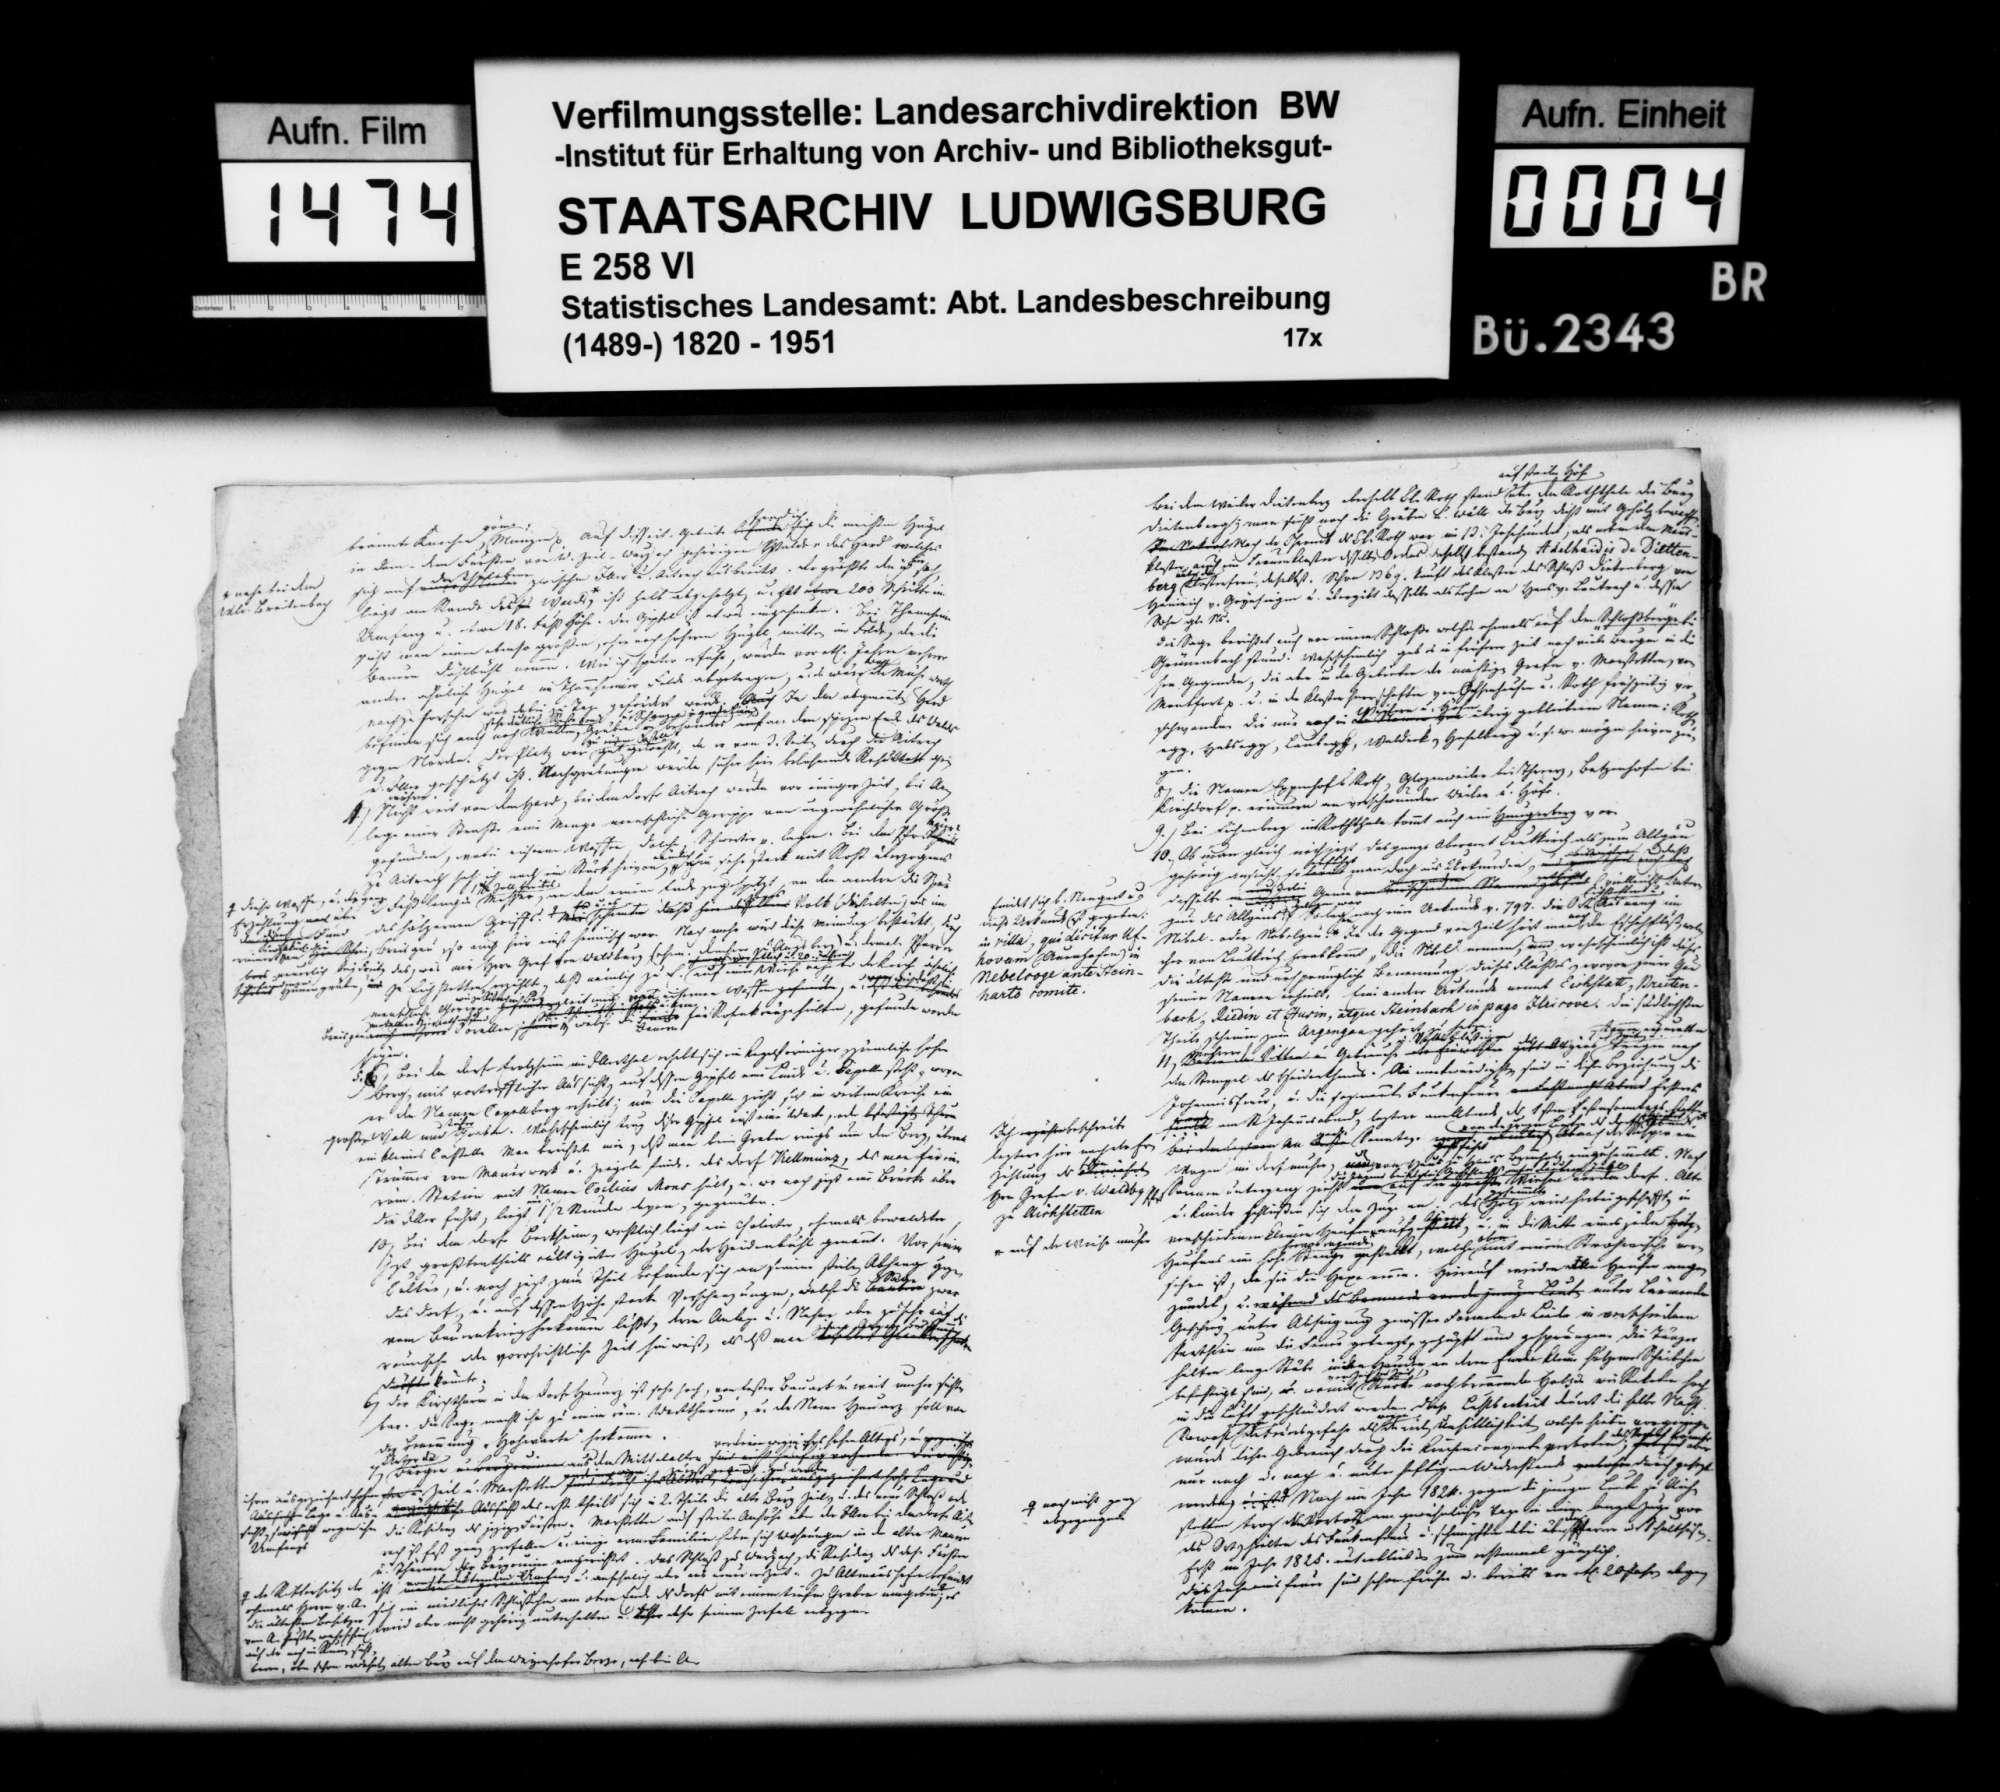 Mitteilungen des Trigonometers Diezel zur Beschreibung des Oberamts, notiert 1825 bei der trigonometrischen Aufnahme, Bild 3